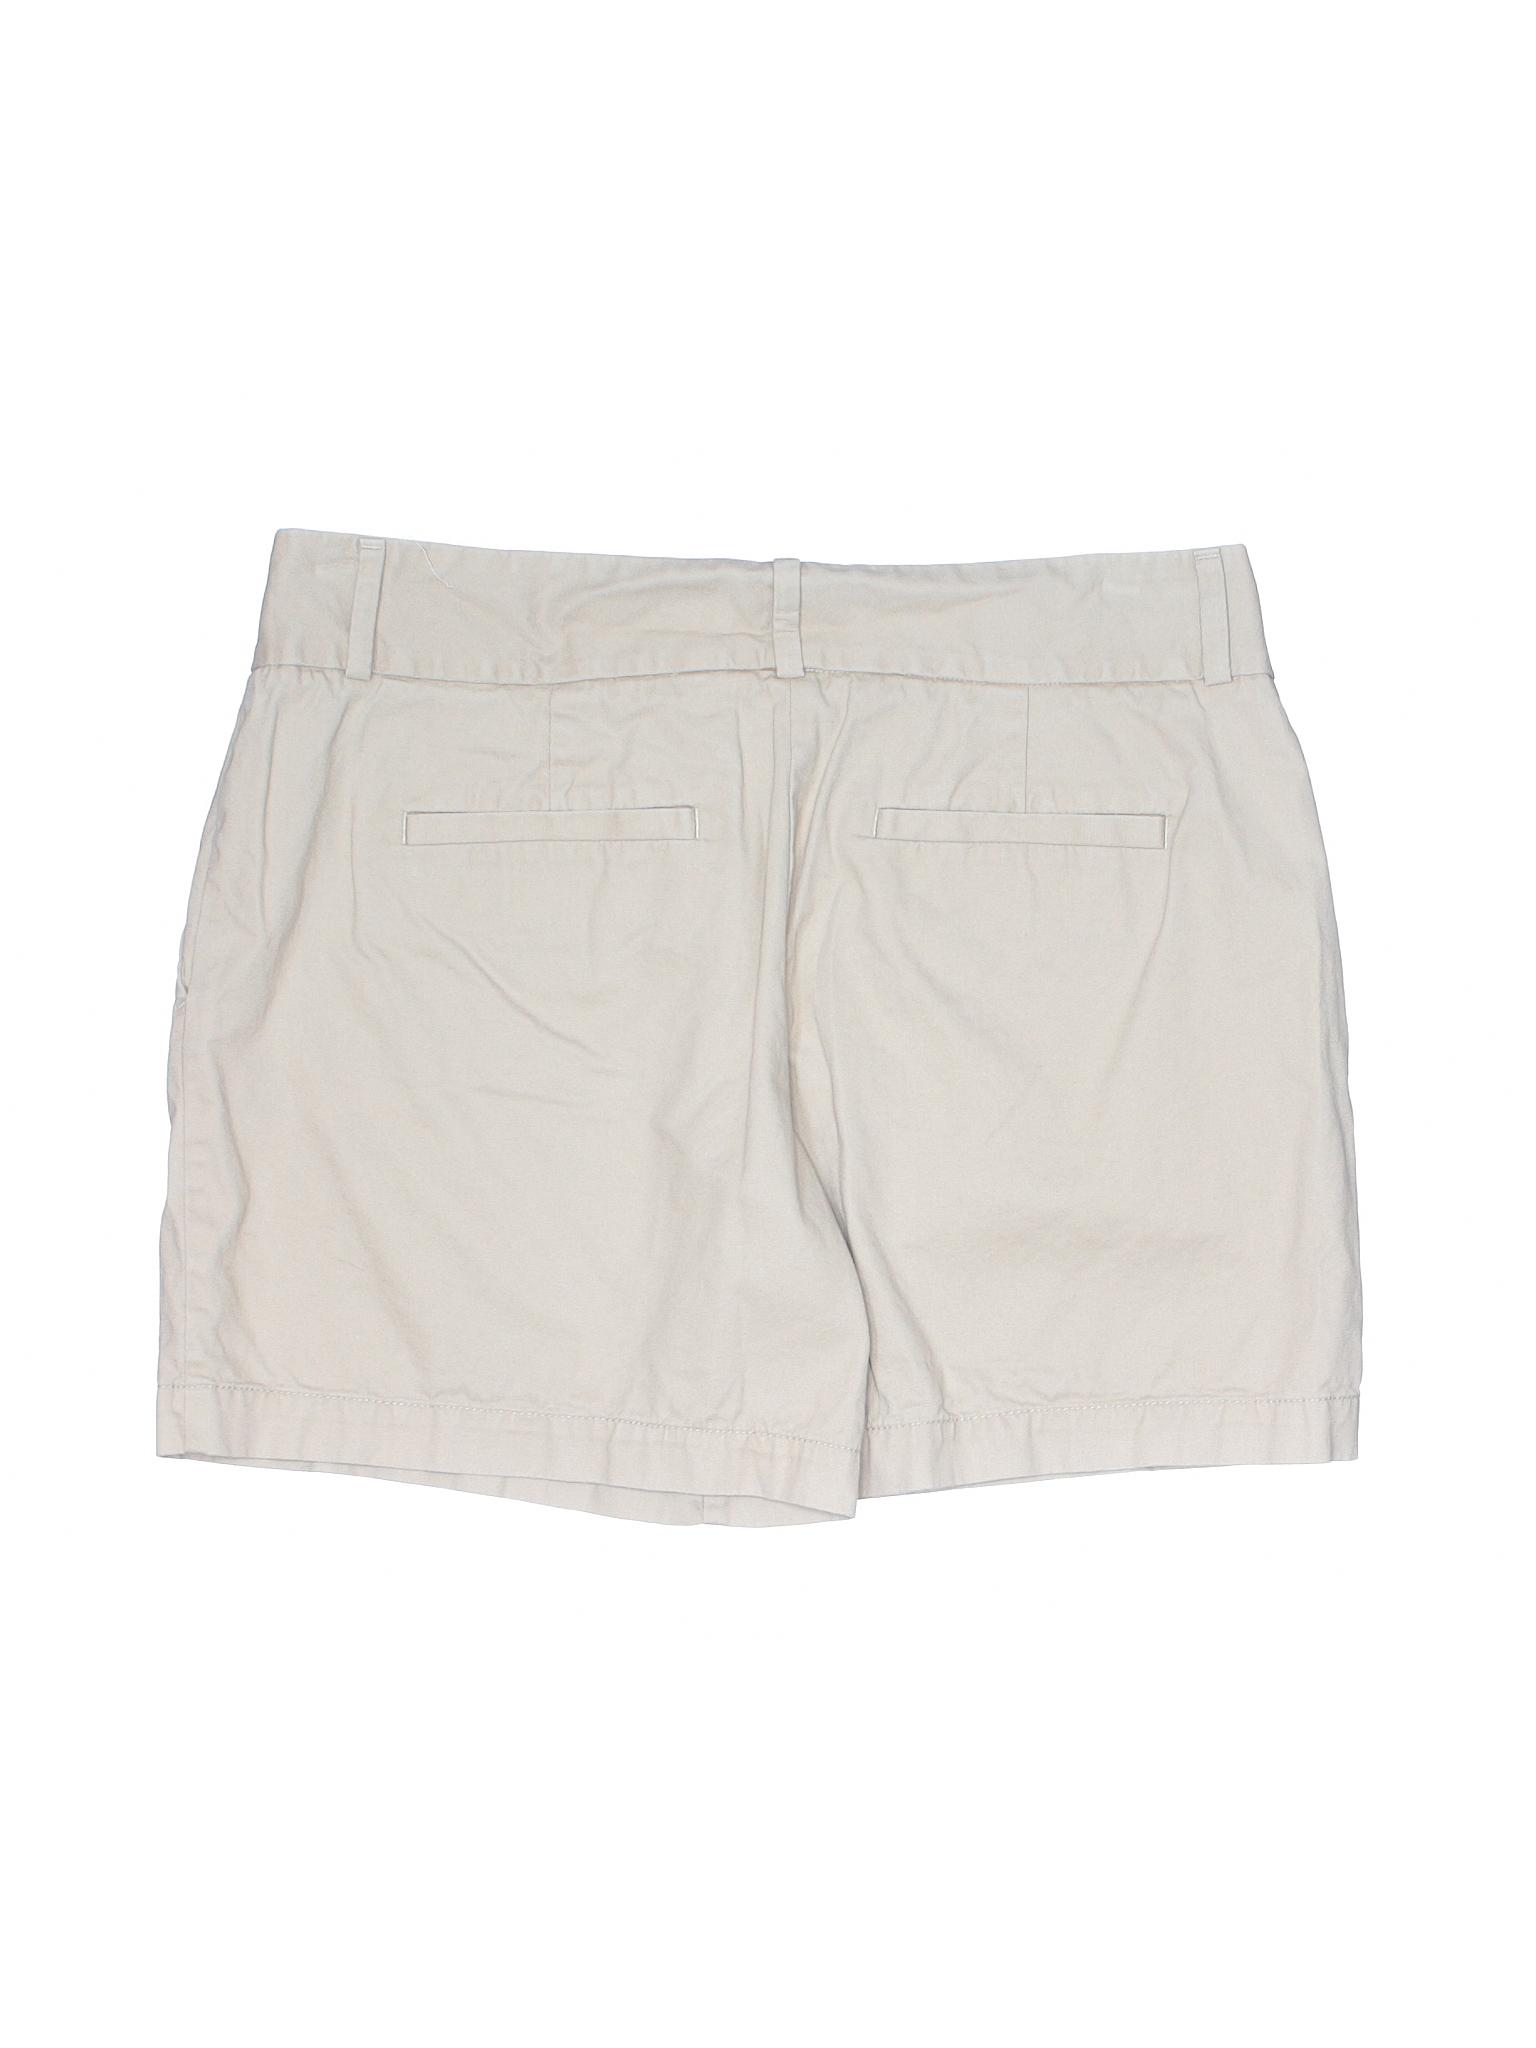 Shorts LOFT Taylor Ann Khaki Boutique AFSUEqIHwH